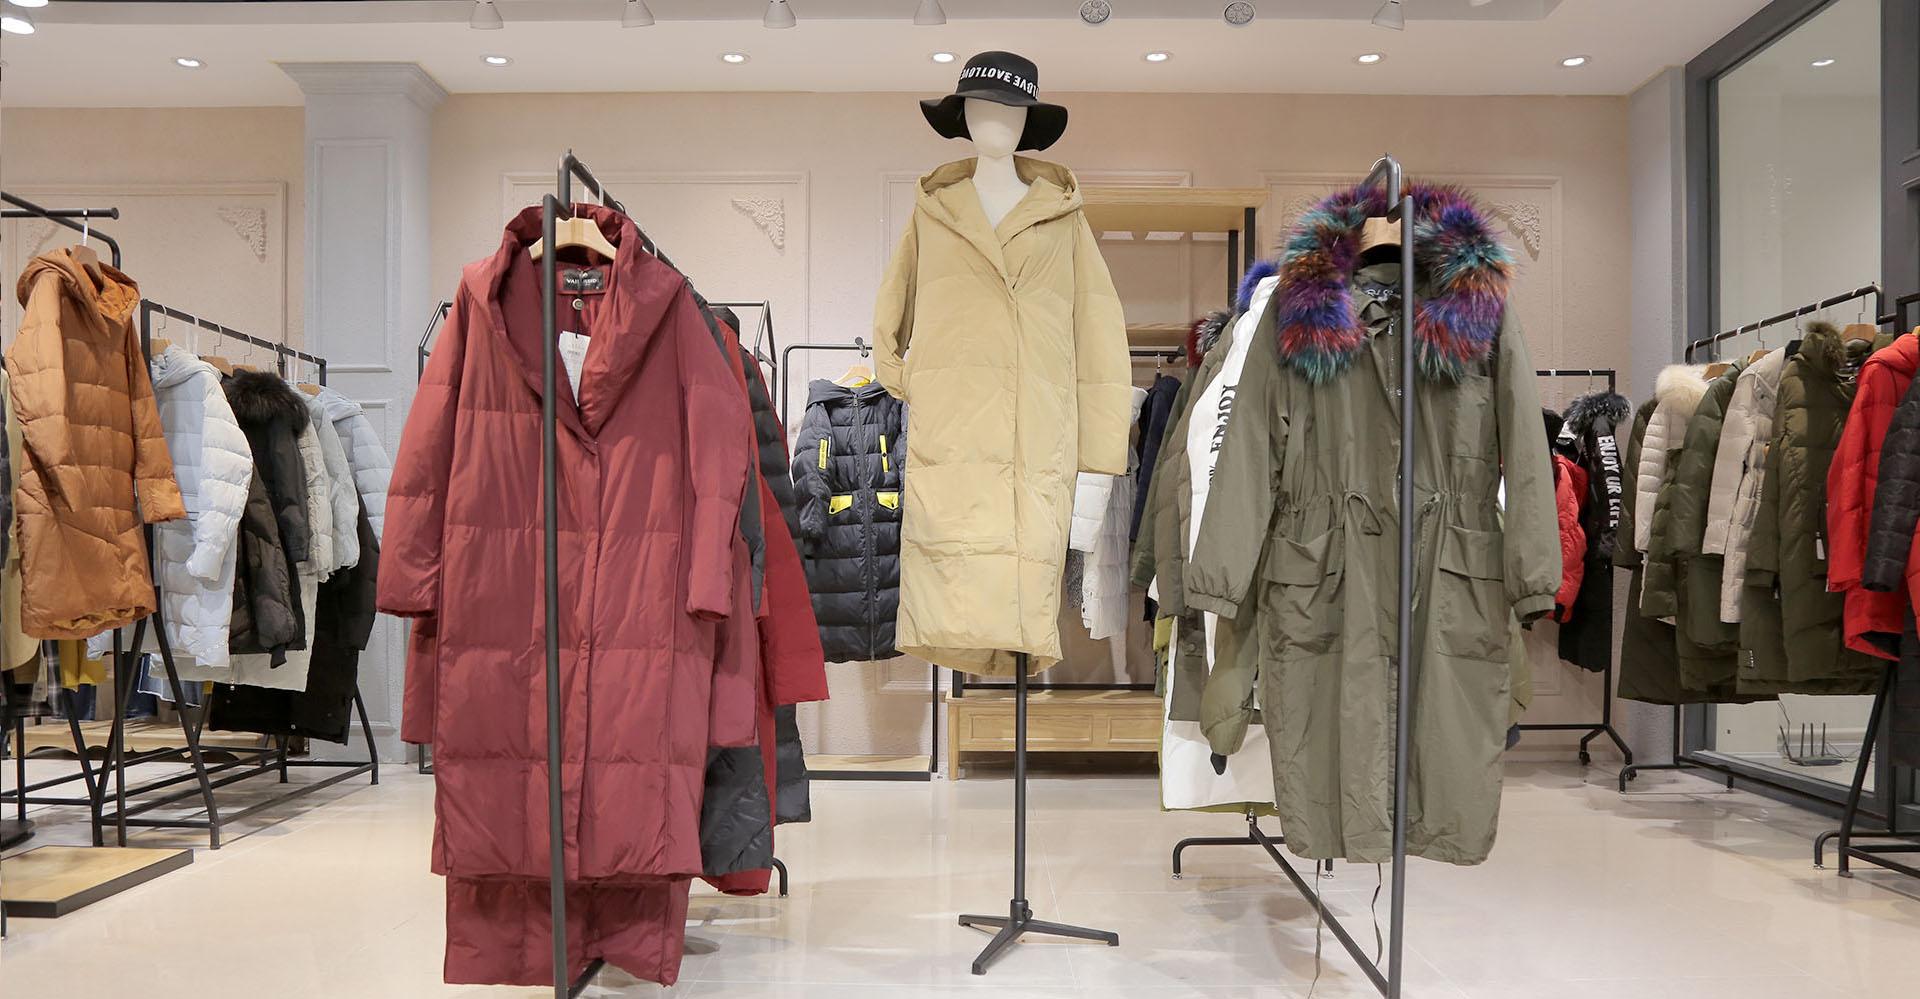 初冬尾货服装批发市场换季拿货 想不囤货又高盈利要注意哪些